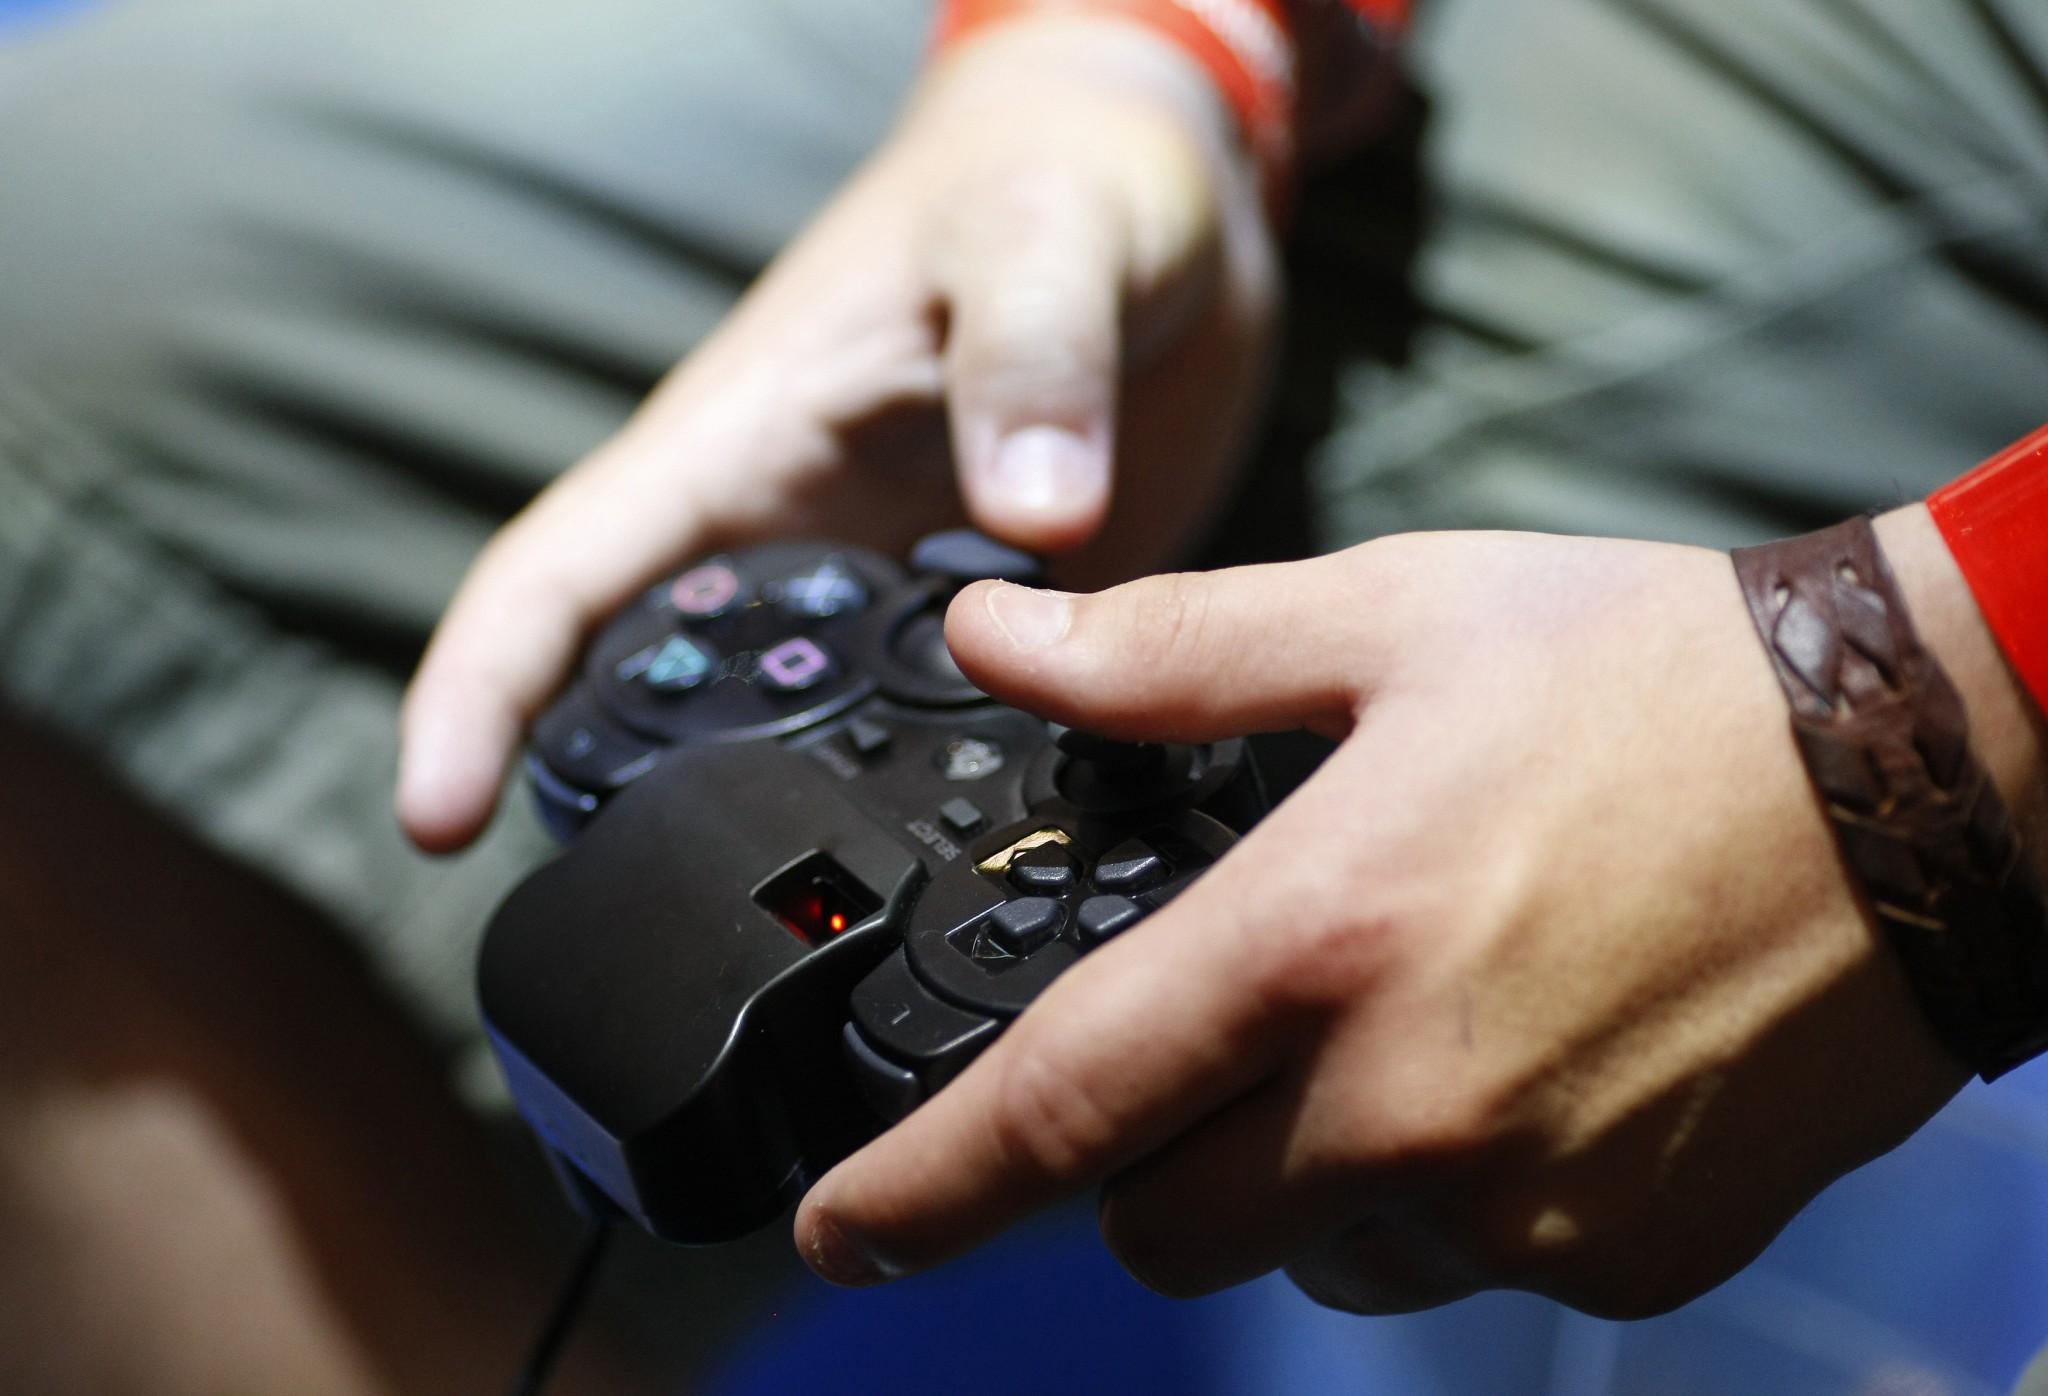 Dipendenza videogame è ufficialmente una malattia mentale per l'Oms